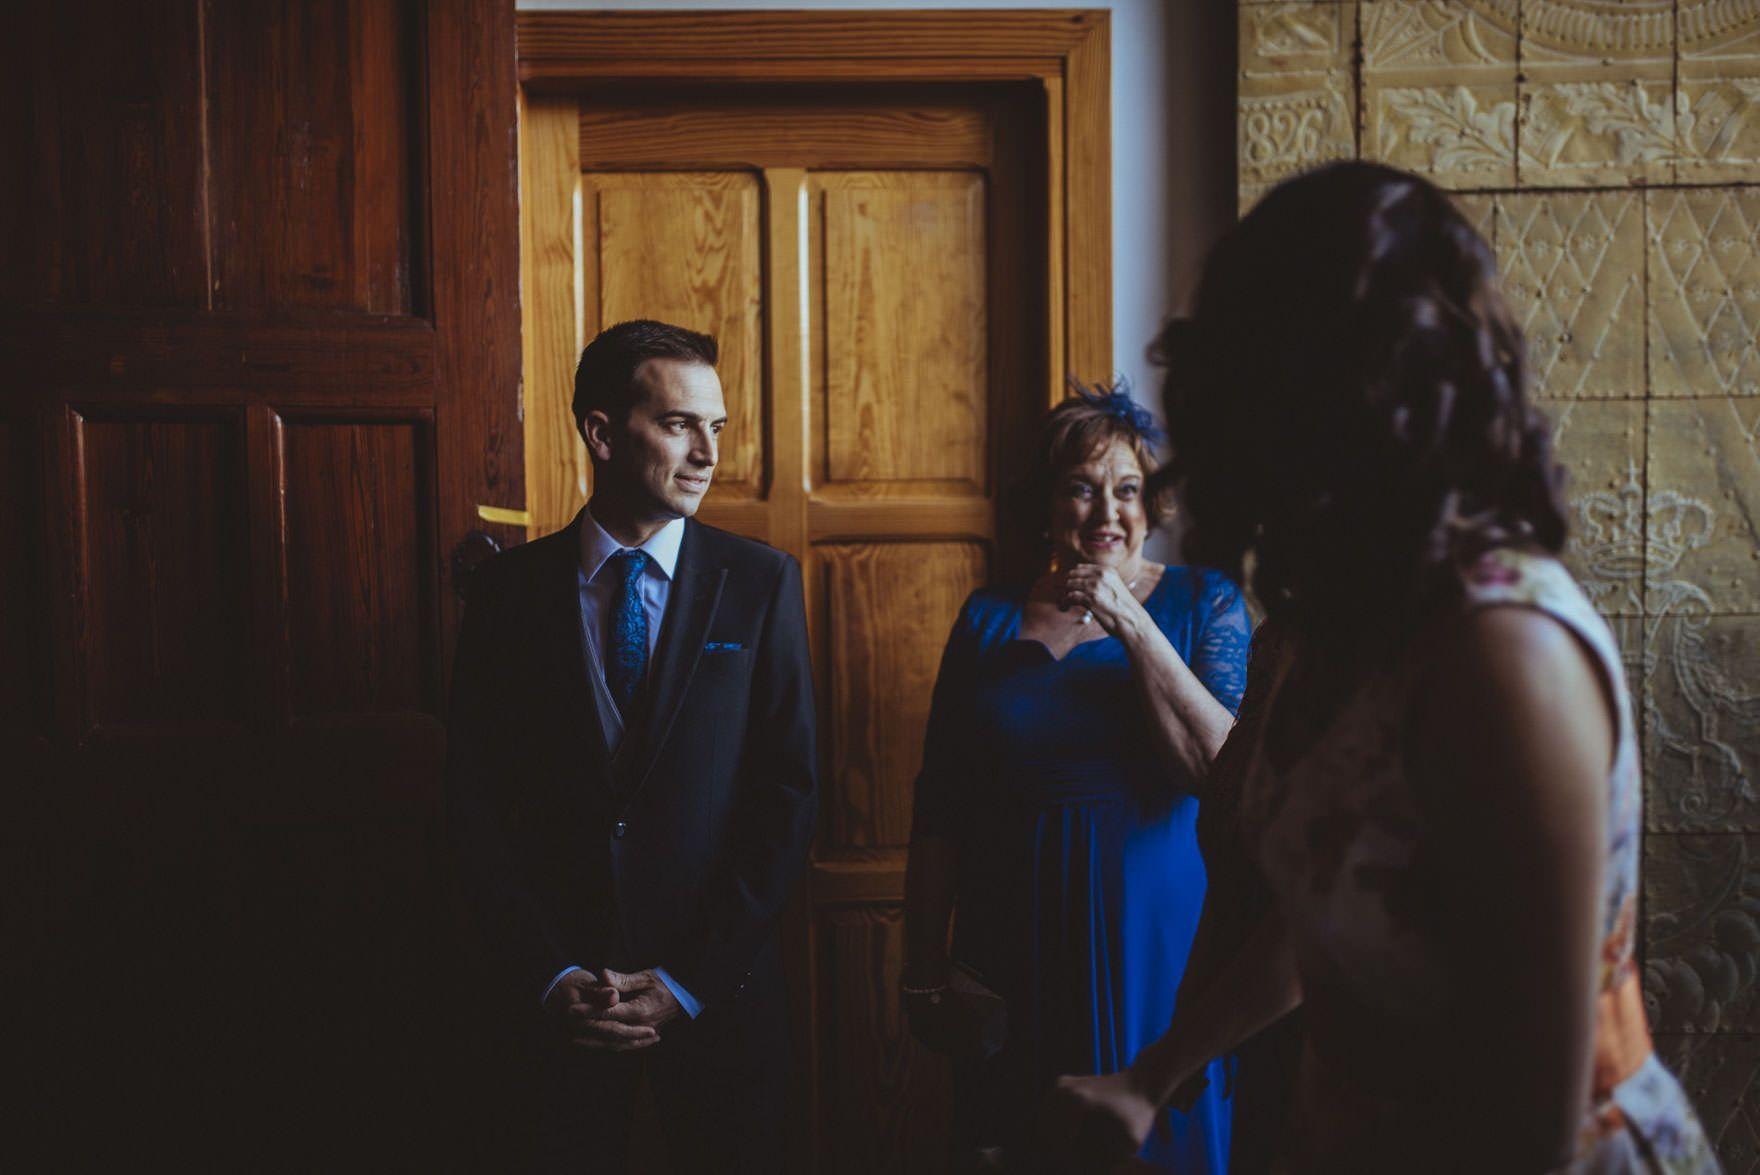 Boda ermita de Santo Espíritu – Santi Miquel Fotógrafo de boda Valencia – 032